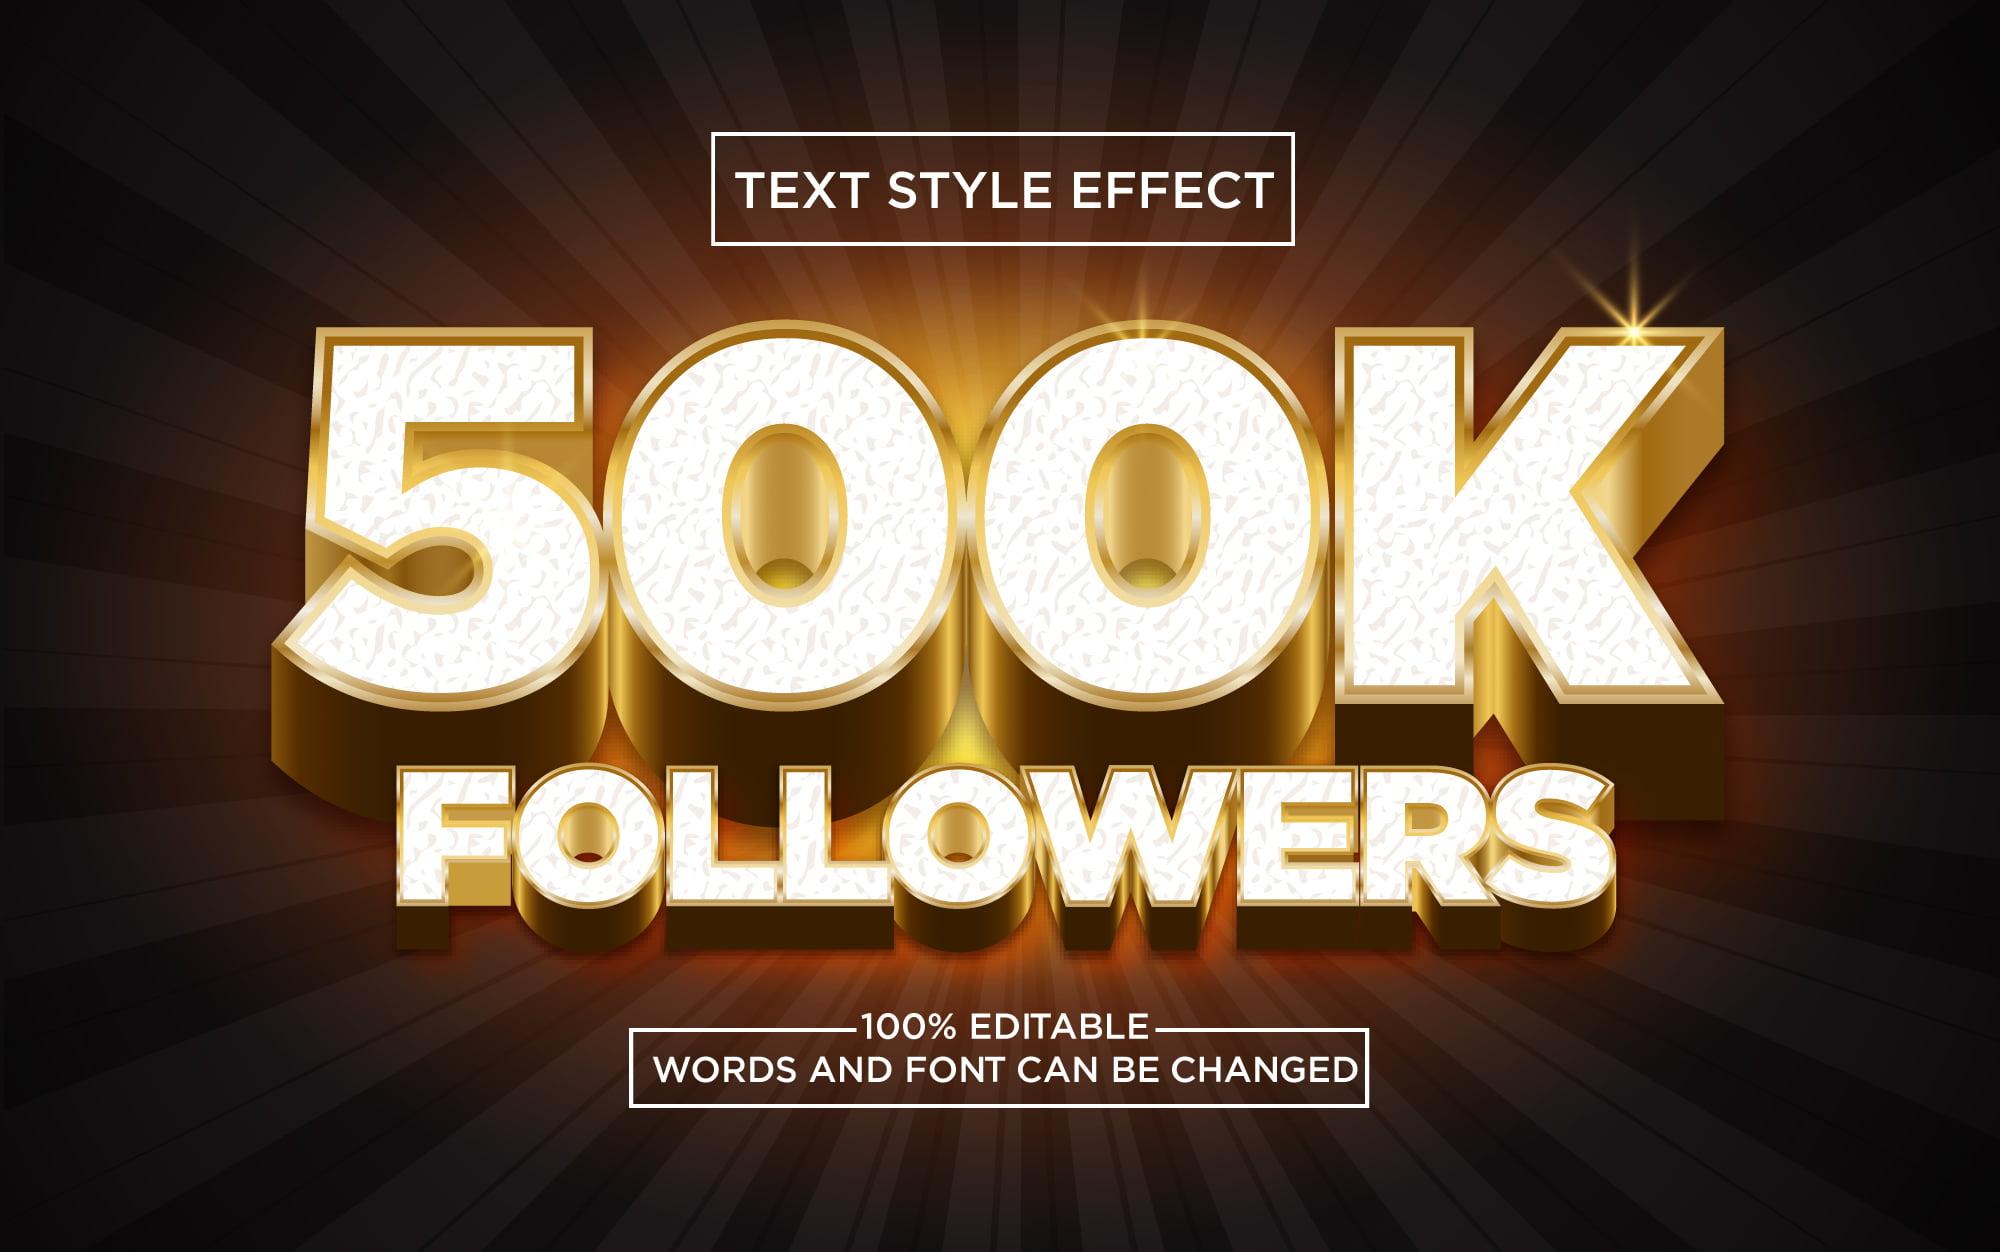 500K-Followers-Golden-3D-Text-Style-Effect